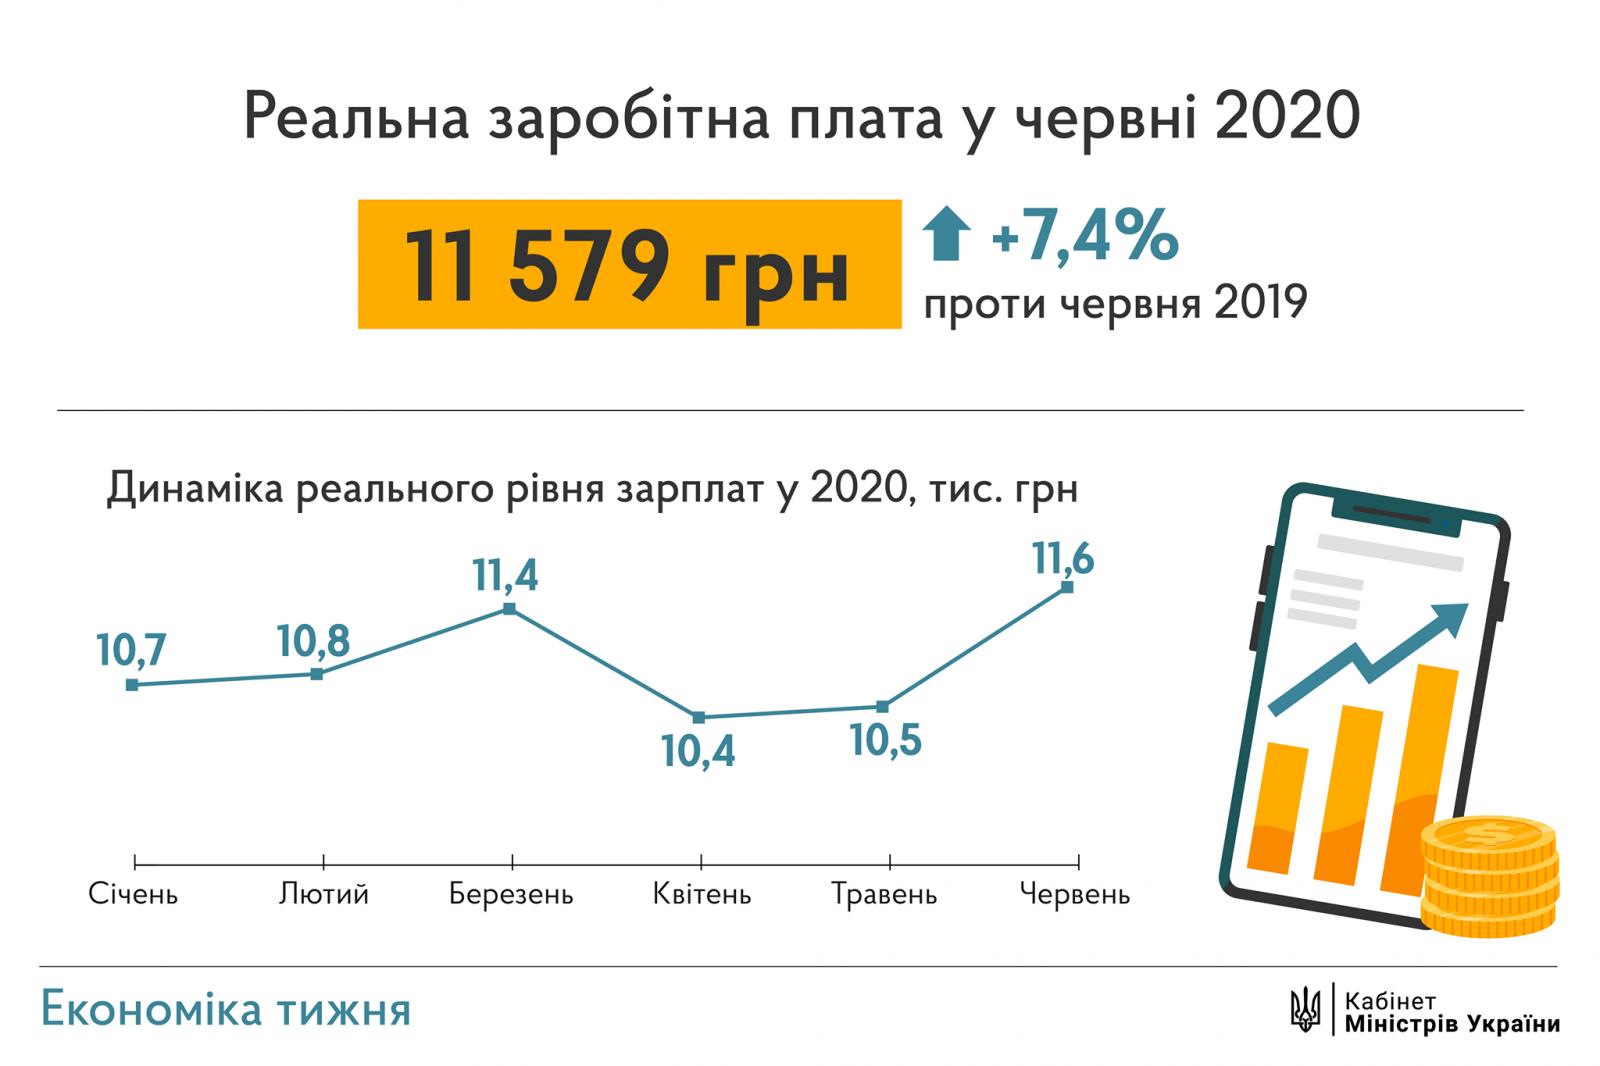 Шмыгаль ожидает, что средняя зарплата в 2022 году будет 15 тысяч